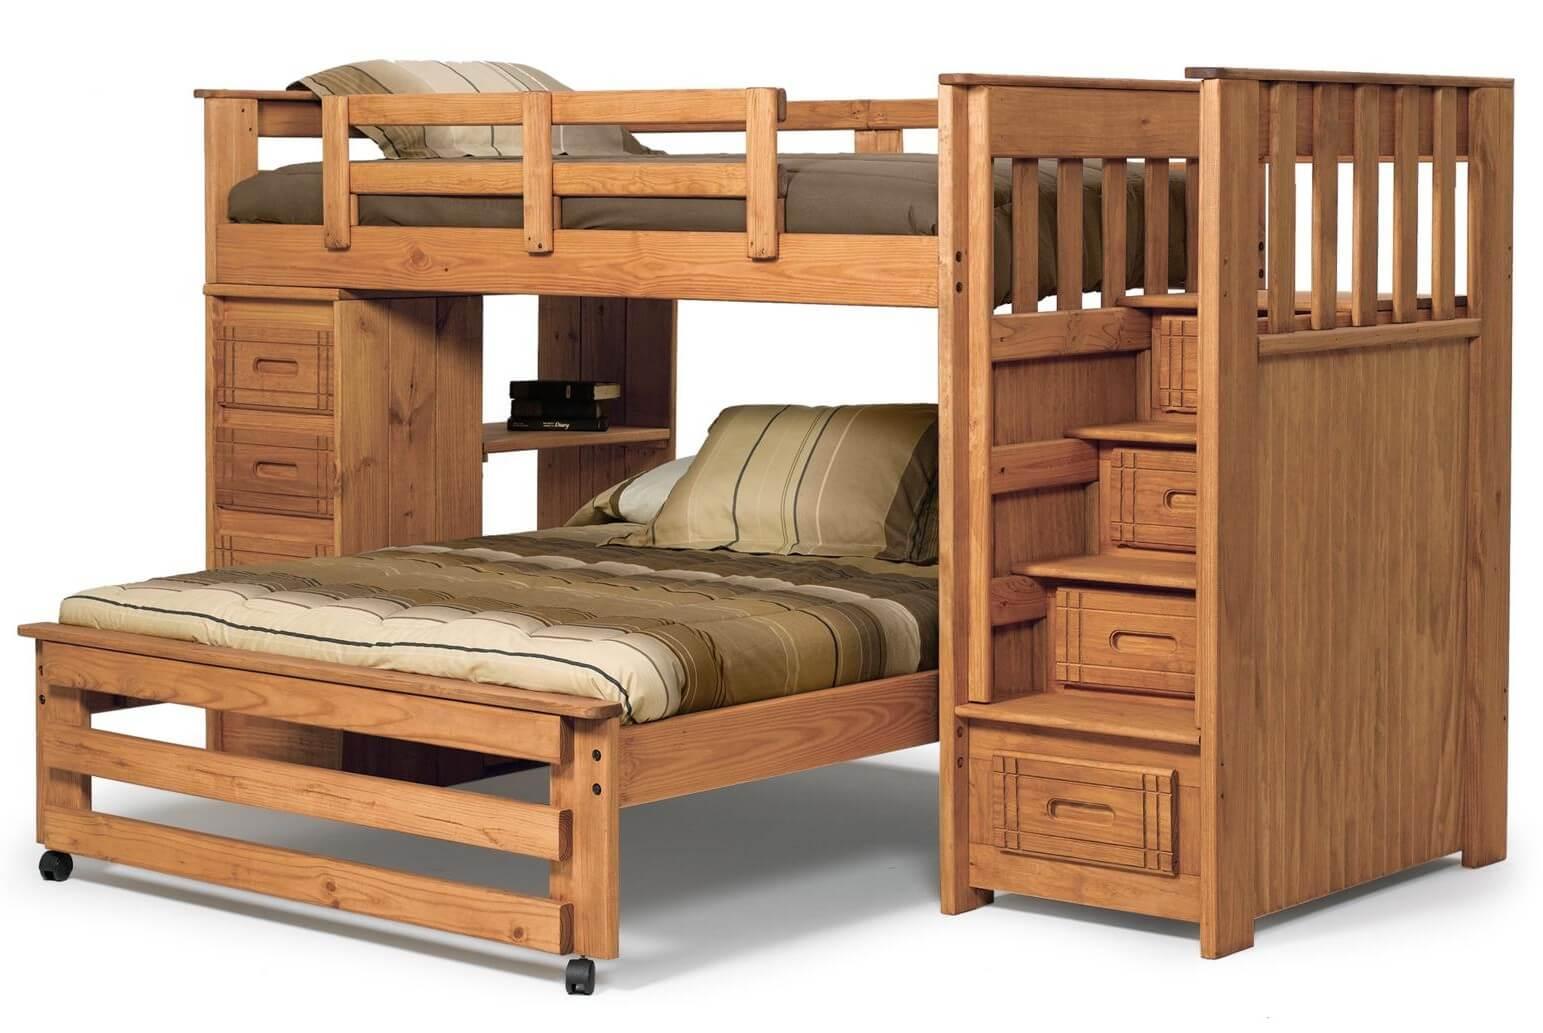 Двухъярусная кровать своими руками - чертежи и схемы, мастер-классы!